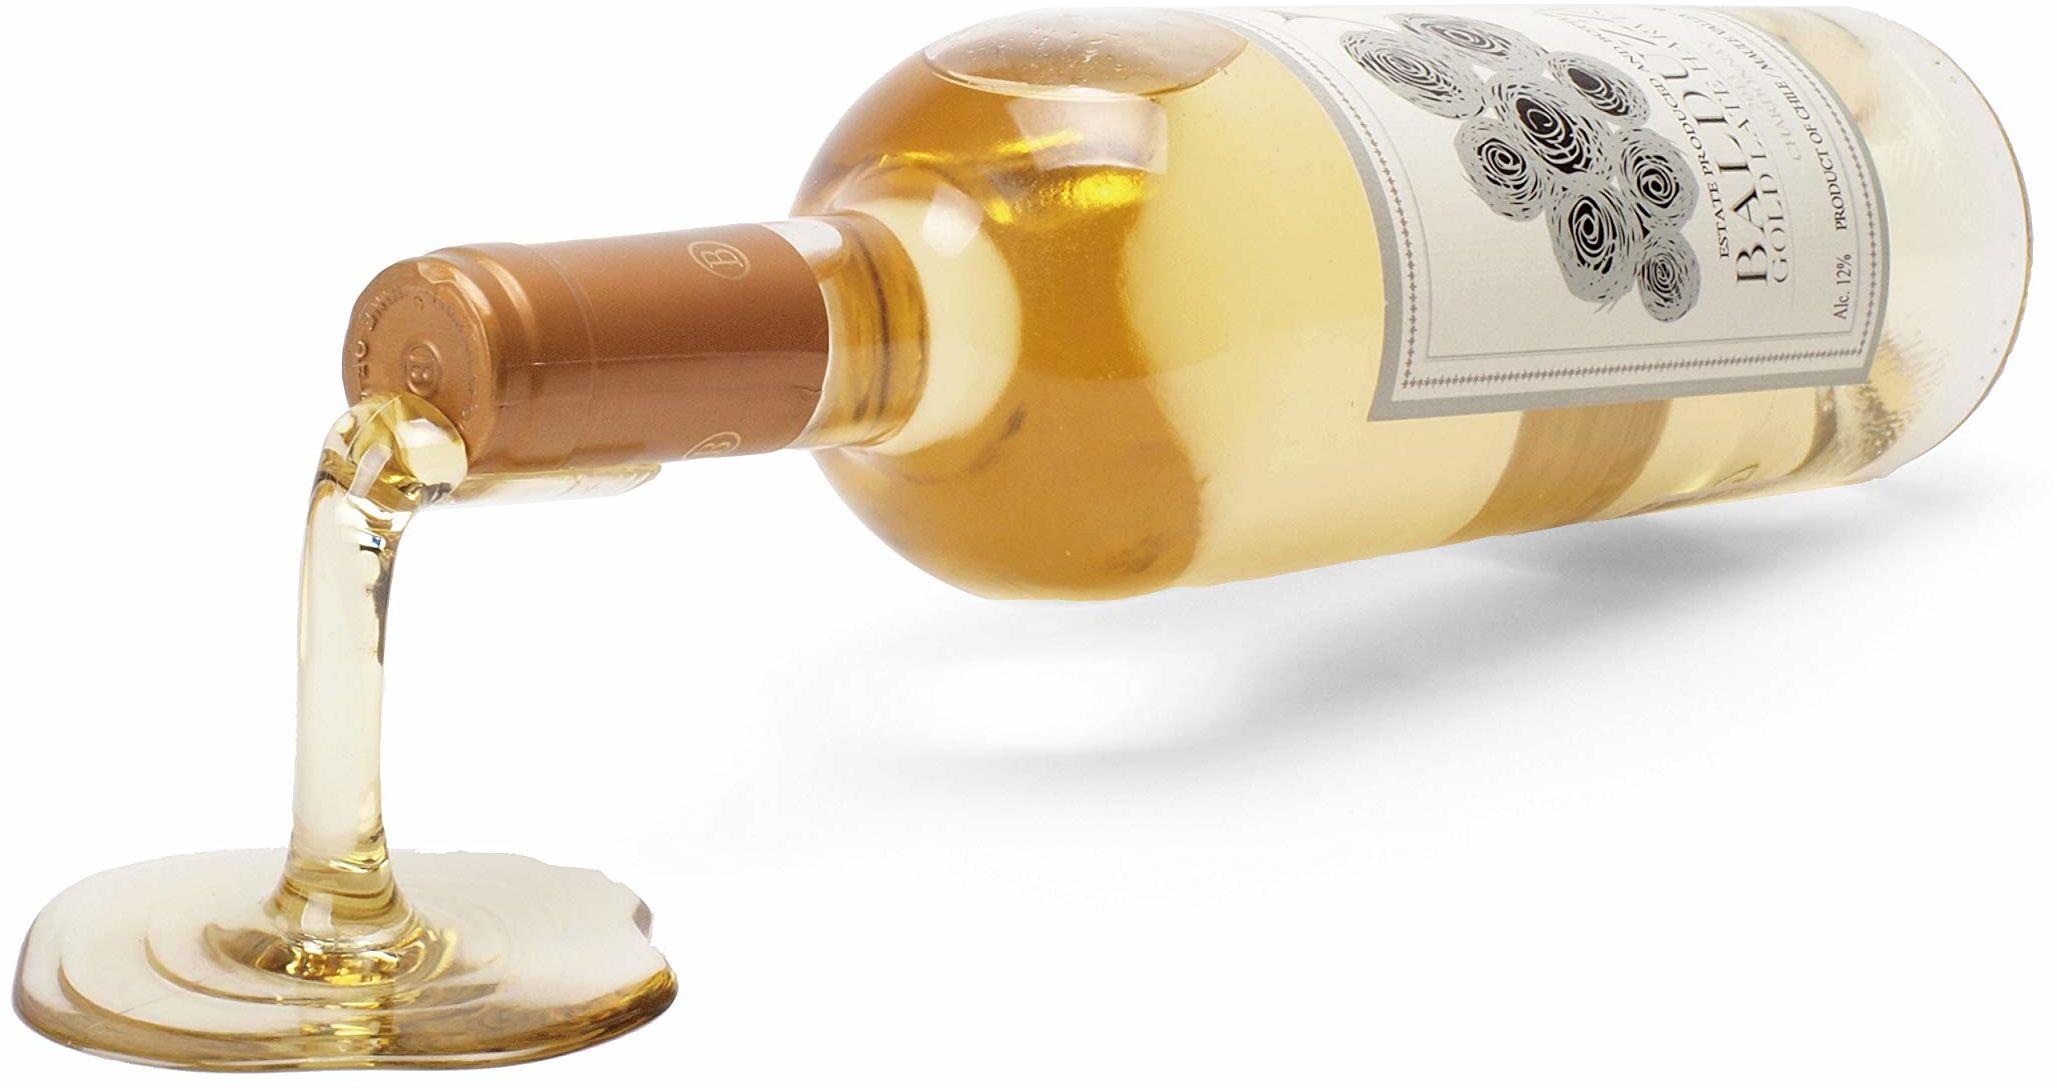 ludi-vin 8809384180382 uchwyt na wino z przezroczystym plastikiem 8,6 x 8,5 x 7,5 cm